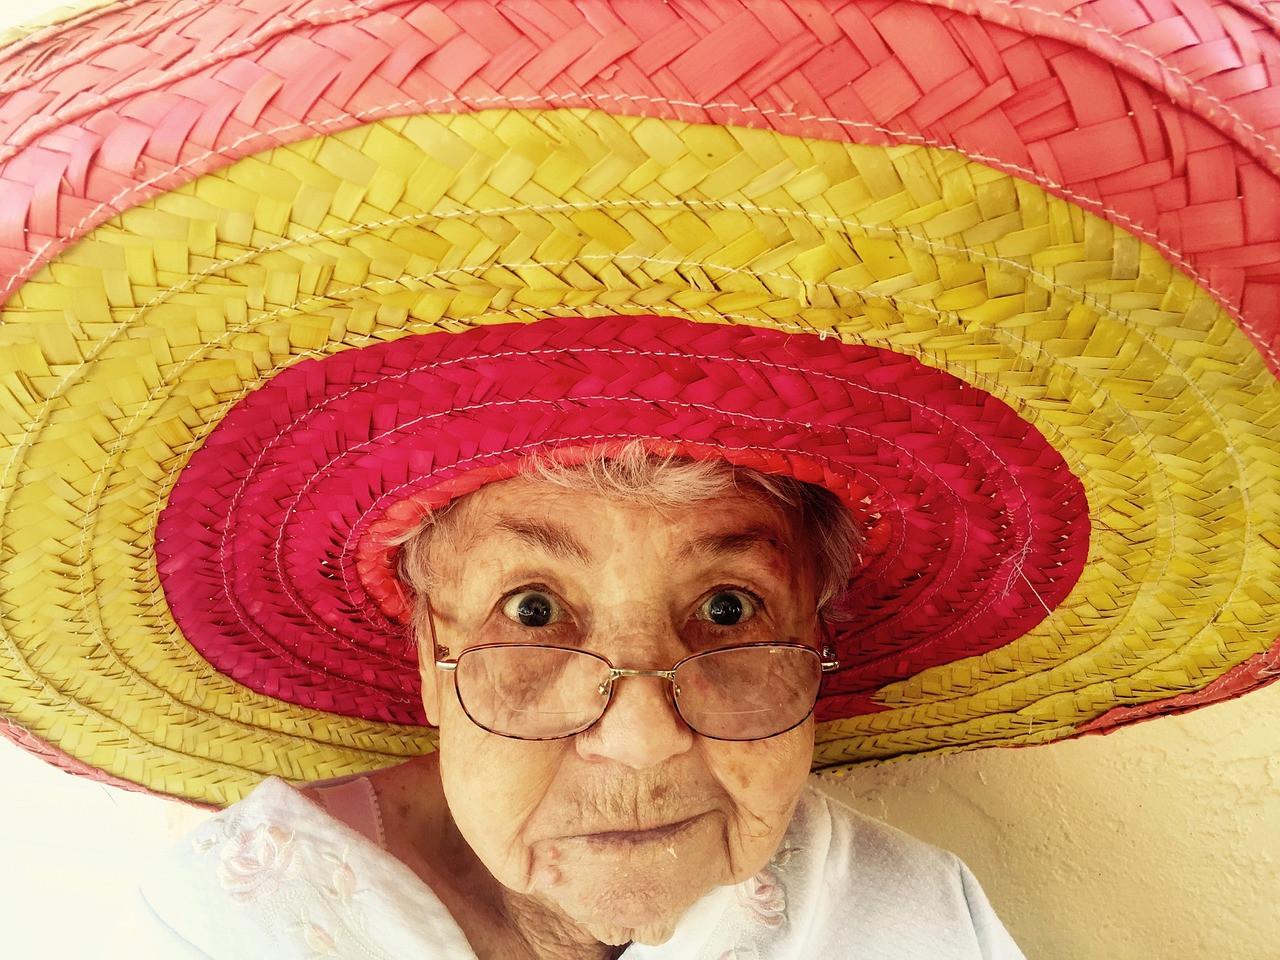 百歲人生看似是天賜的,但活到百歲只是個可能性,能否達致,就要看個人的造化。(Pixabay)